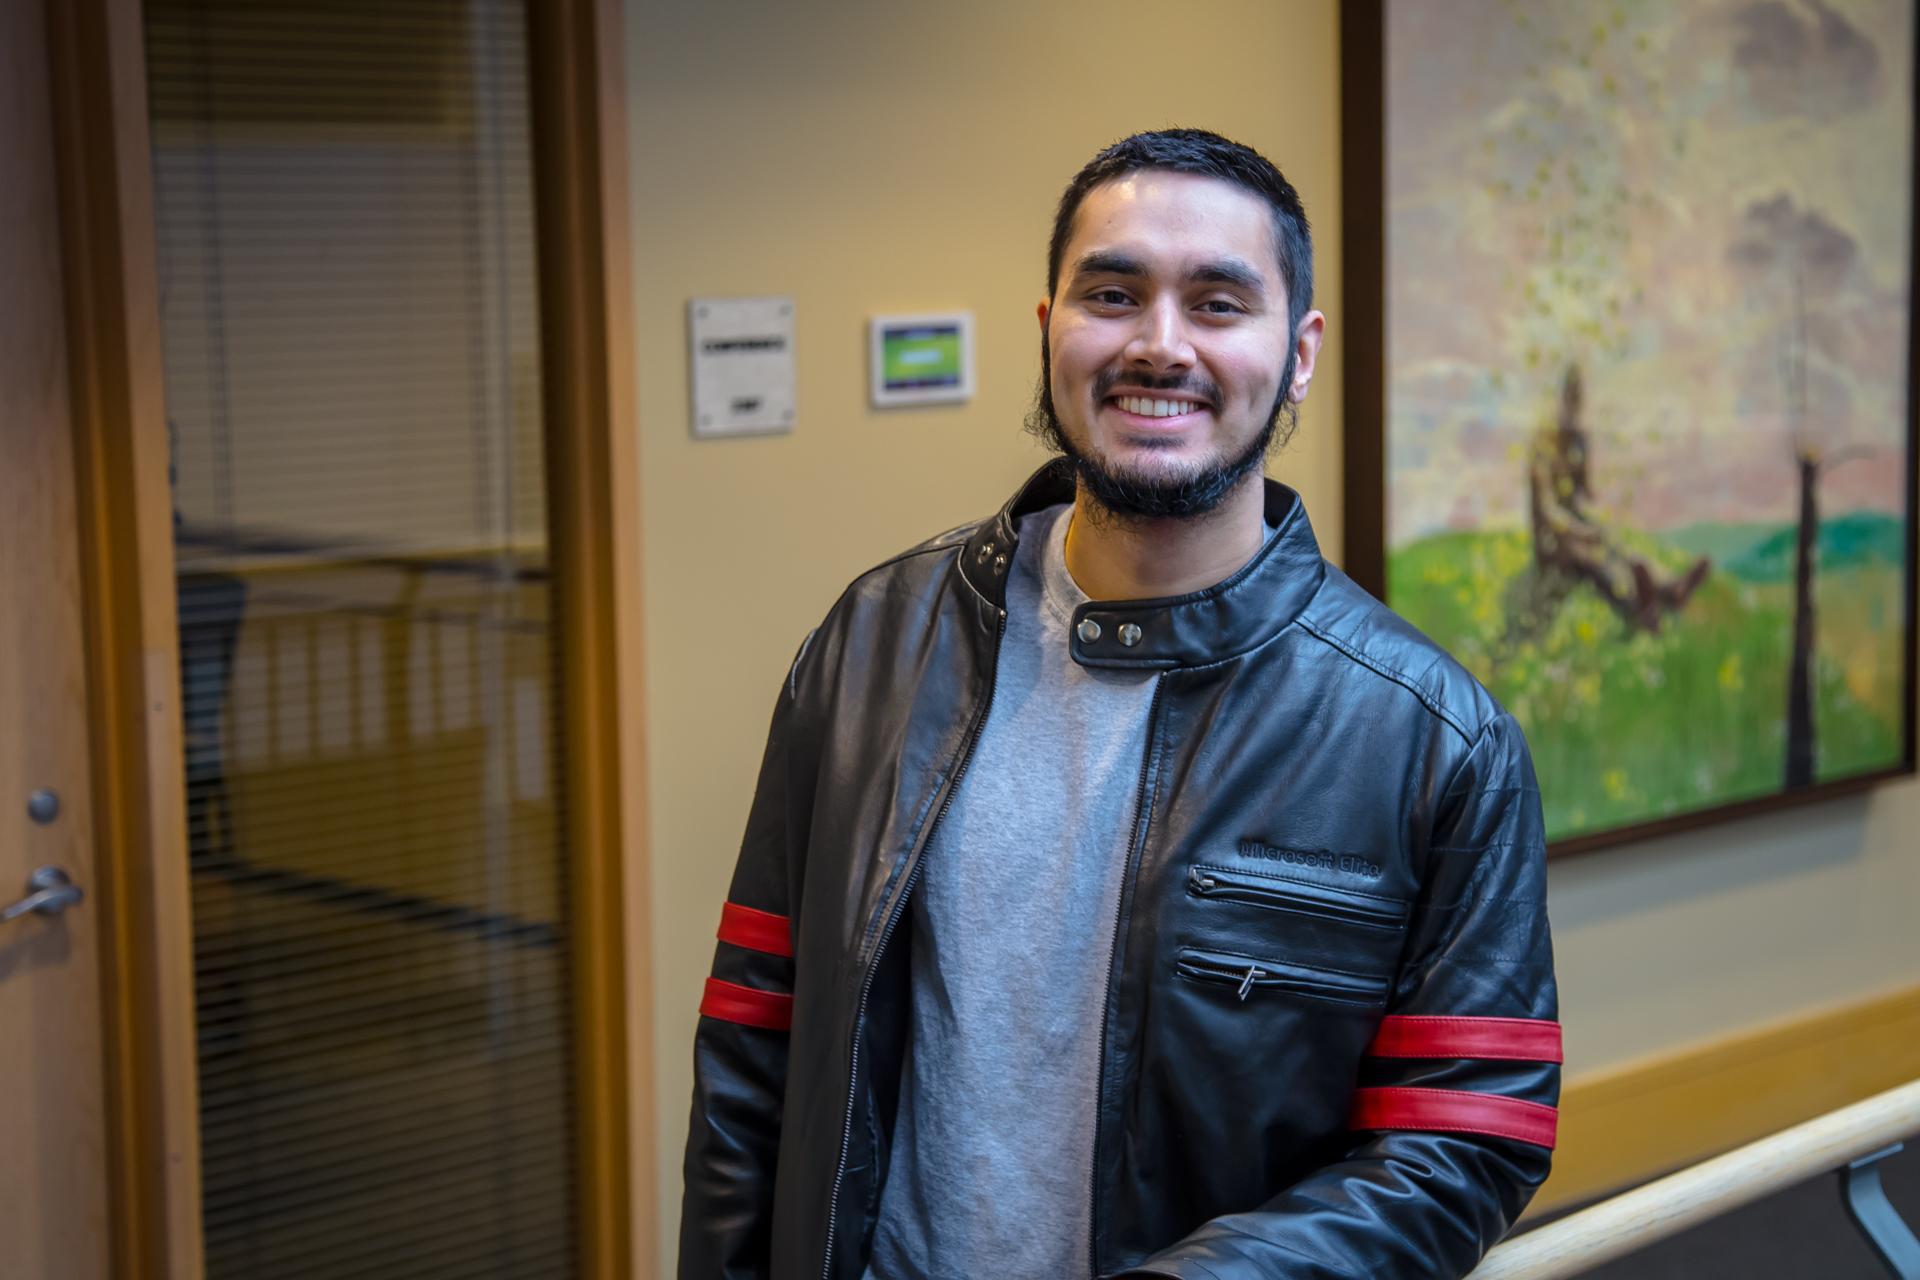 Microsoft software engineer, Murtaza Jafferj